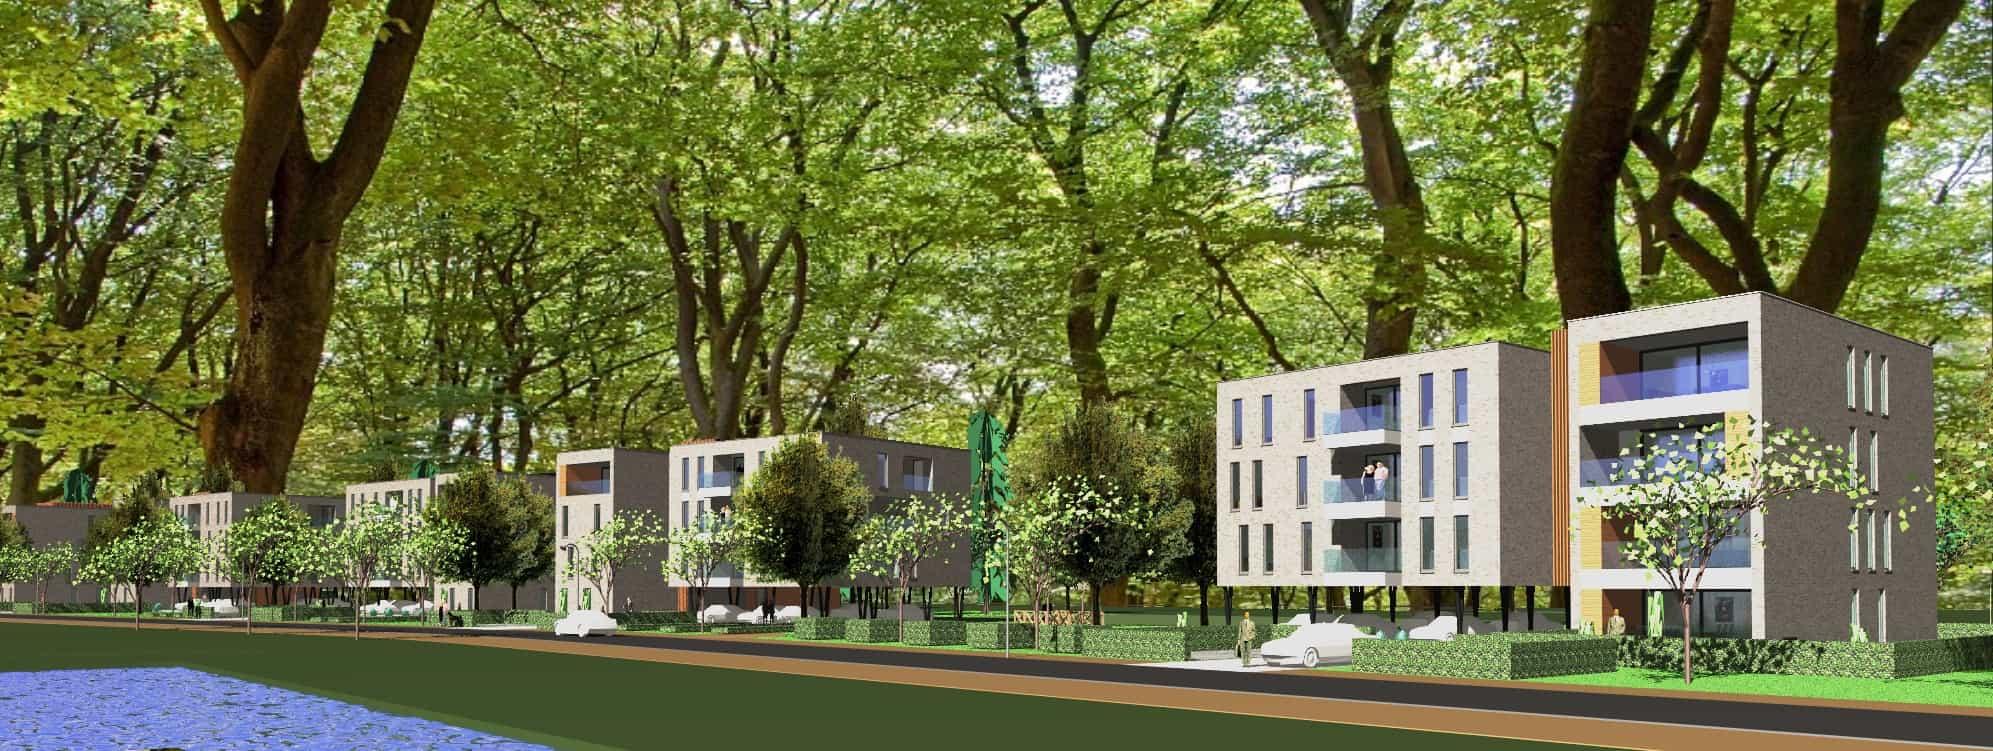 Detail afbeelding 5 van VO – BE   –   48 Appartementen tussen de bomen   –   Zonhoven | Ontwerp door architect Patrick Strackx